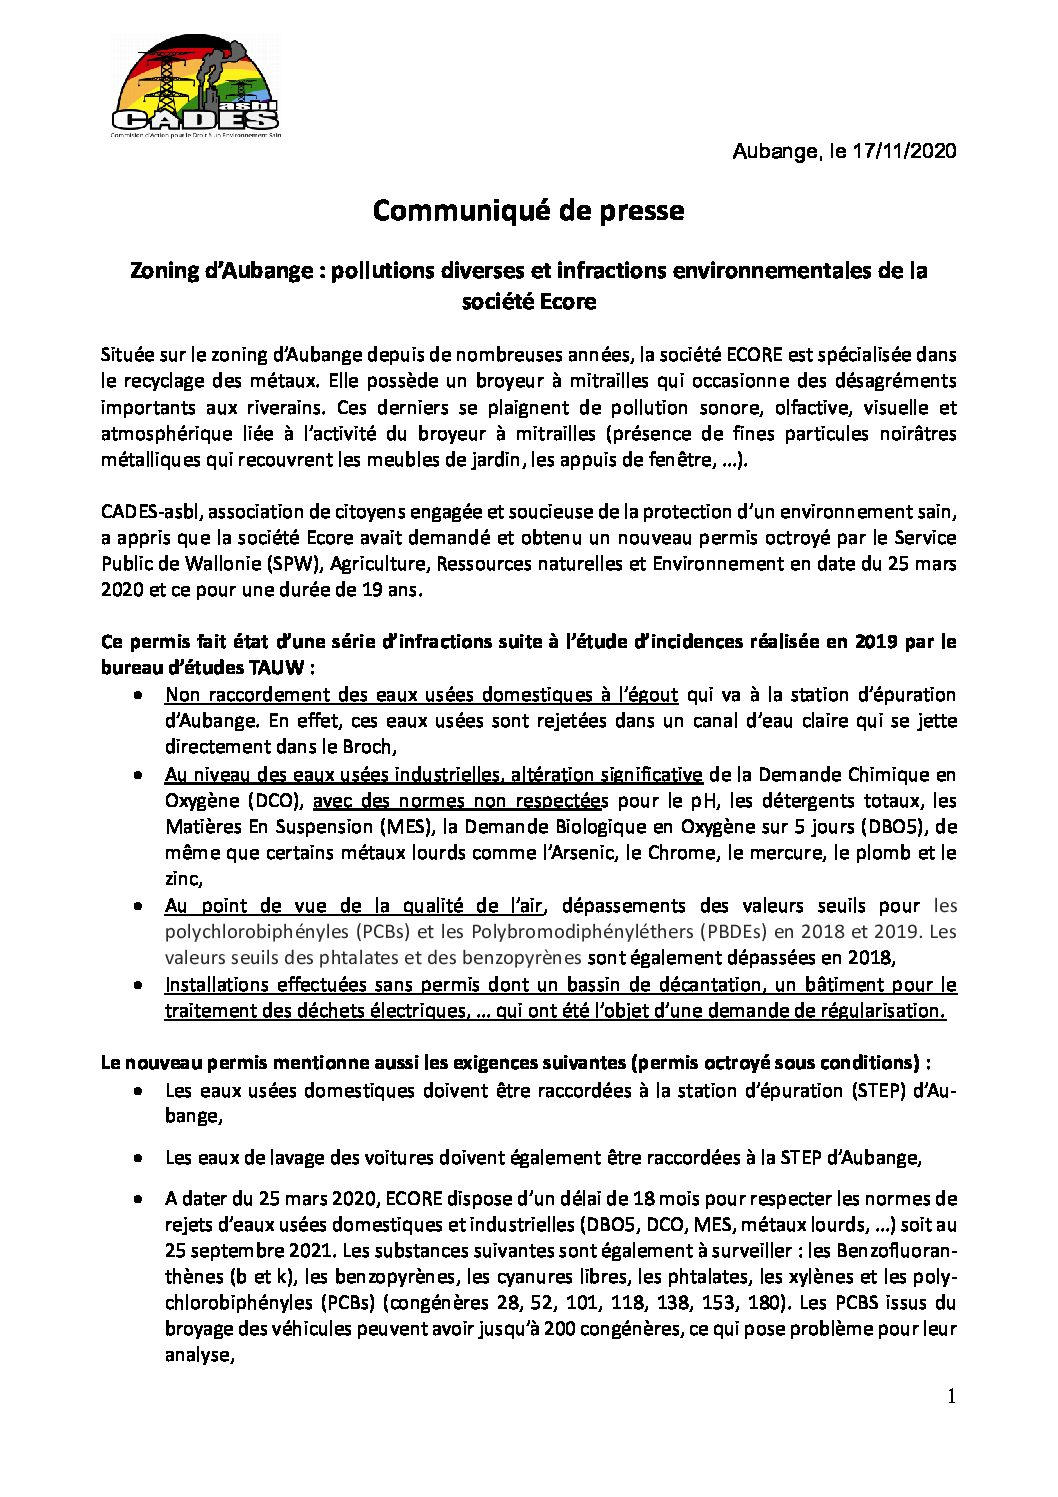 Pollution du zoning d'Aubange : Cades réagit